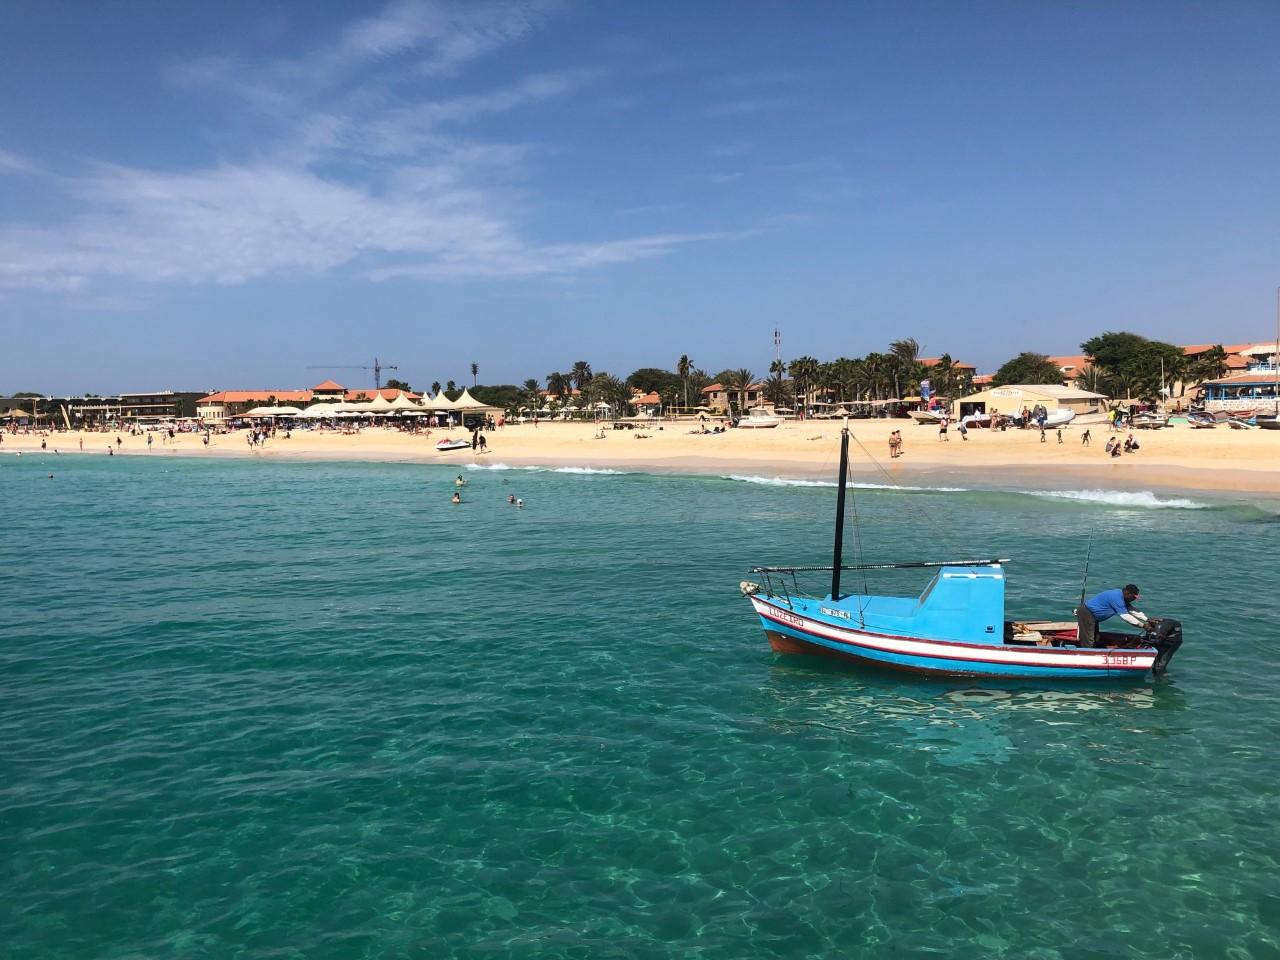 Barquito en la playa de Santa Maria, isla de Sal